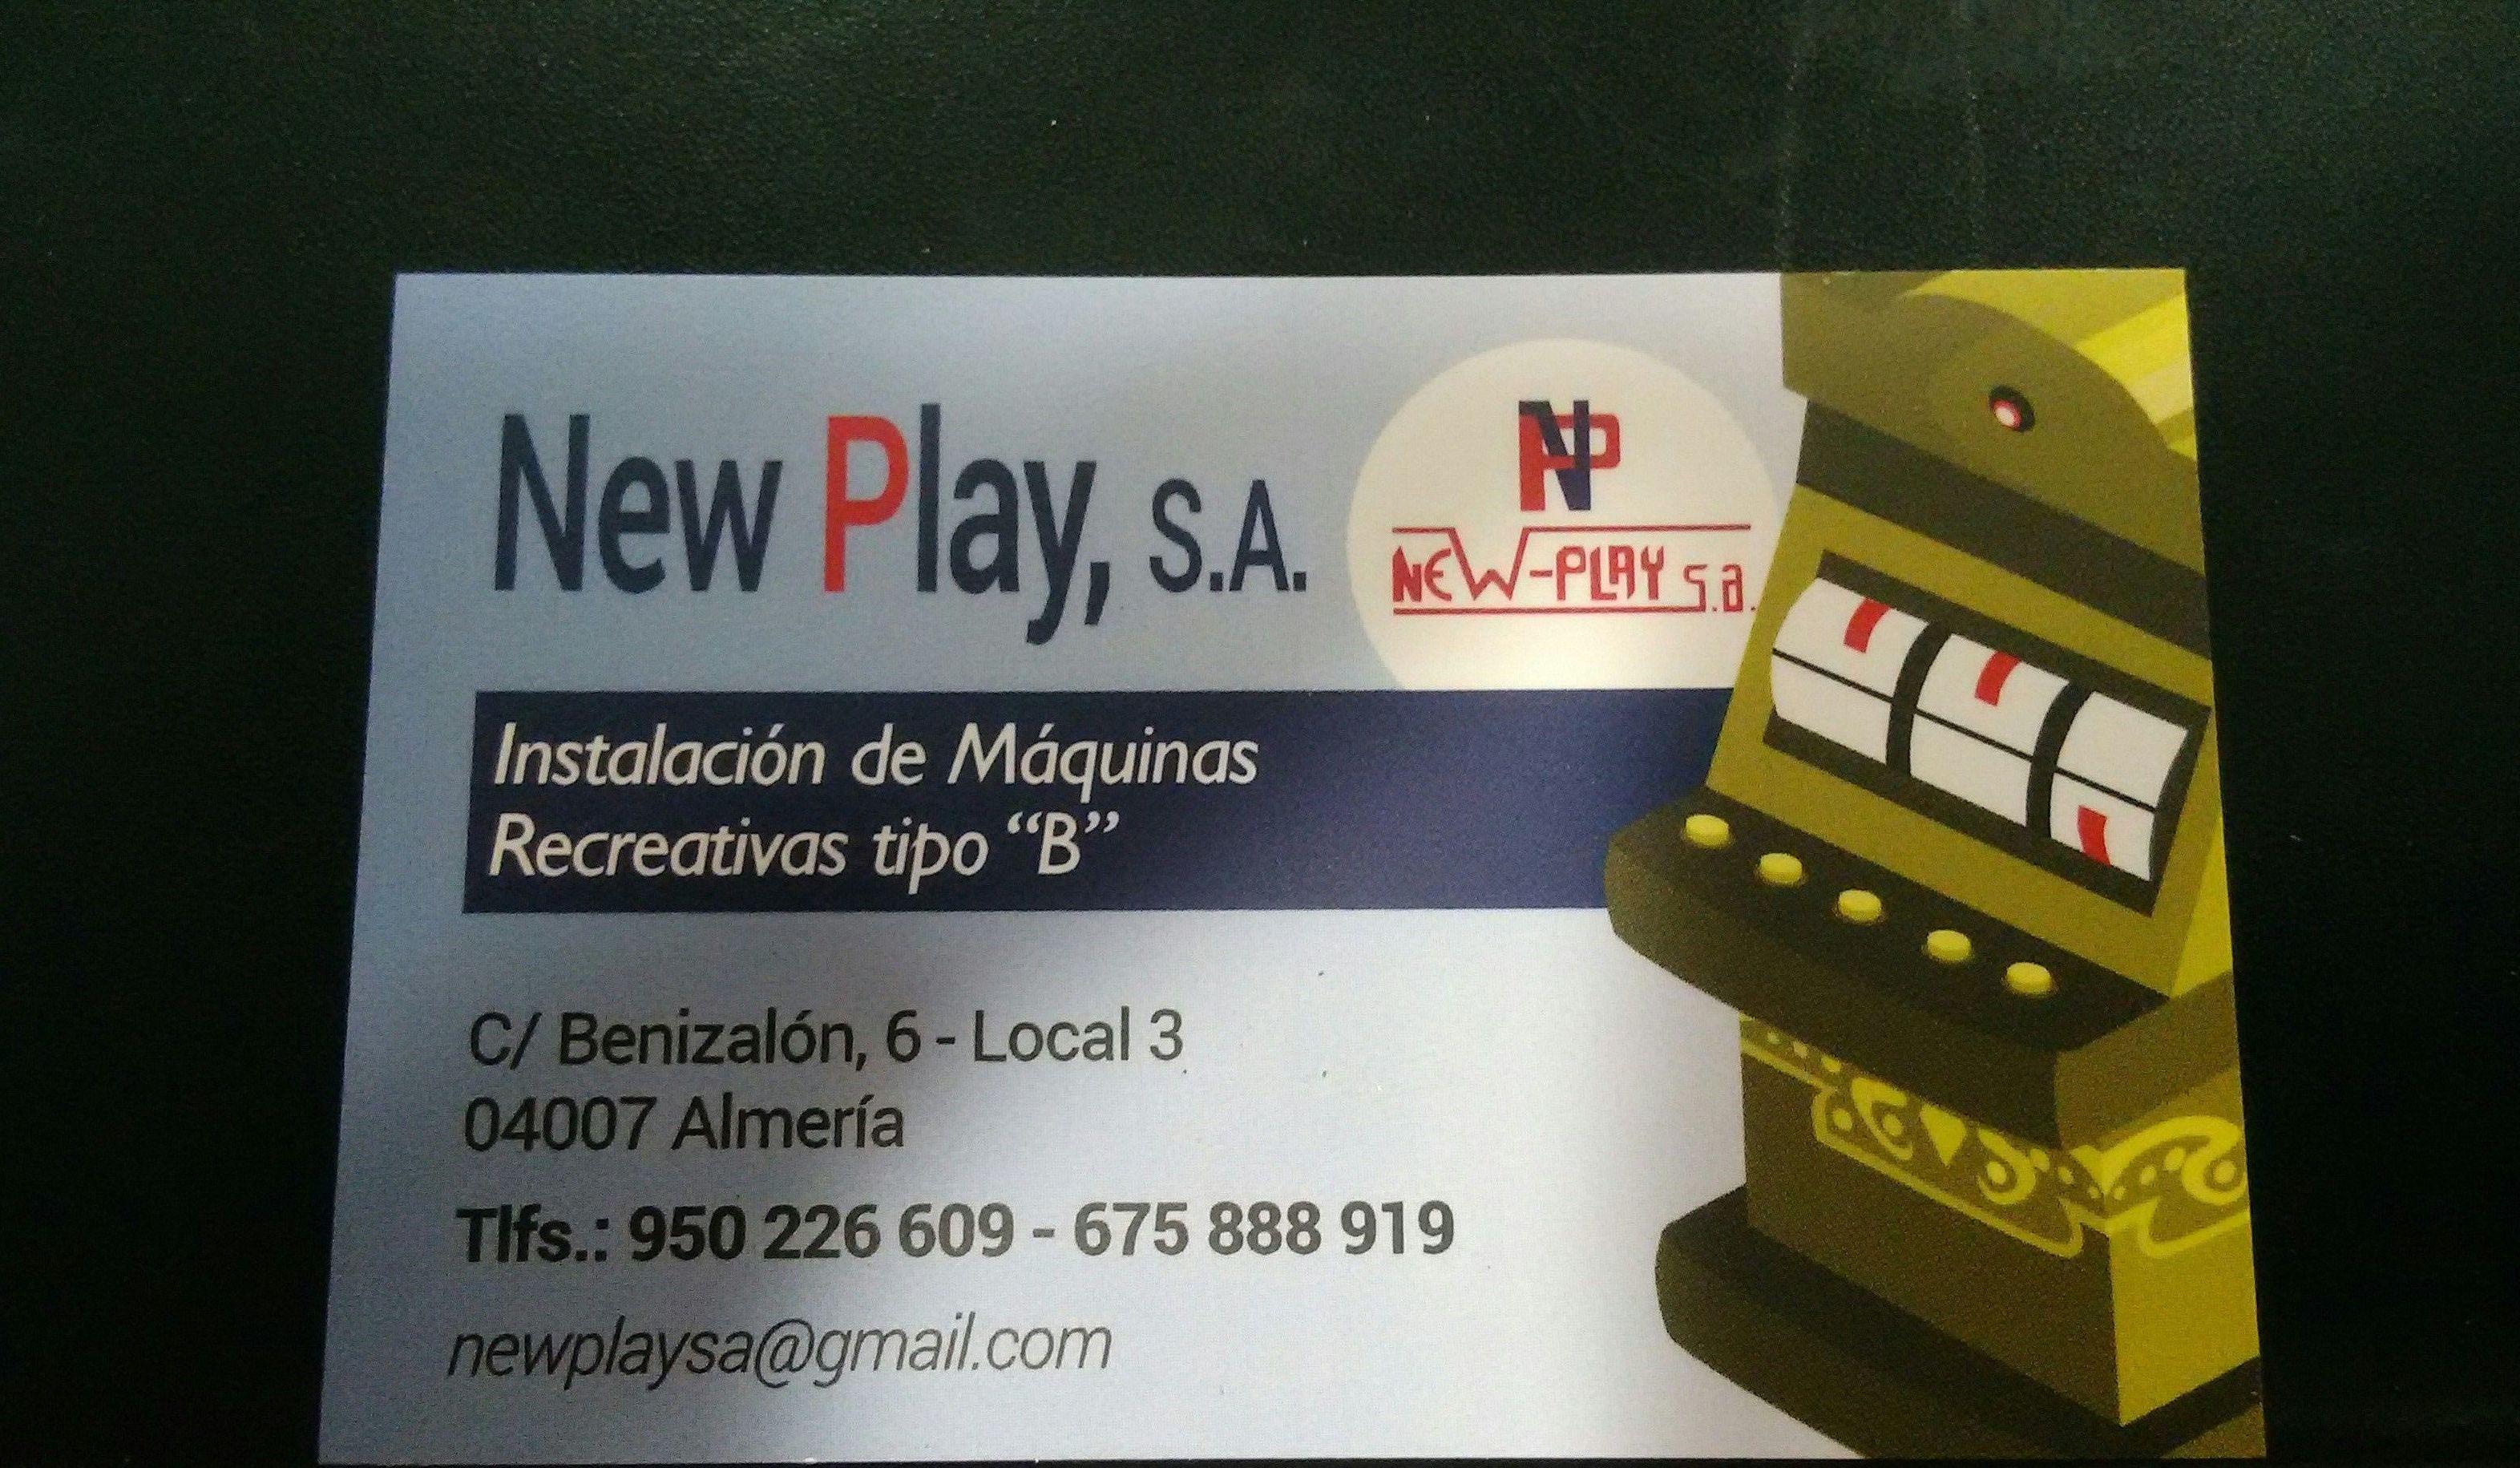 Instalación: Productos y servicios de New Play, S.A.